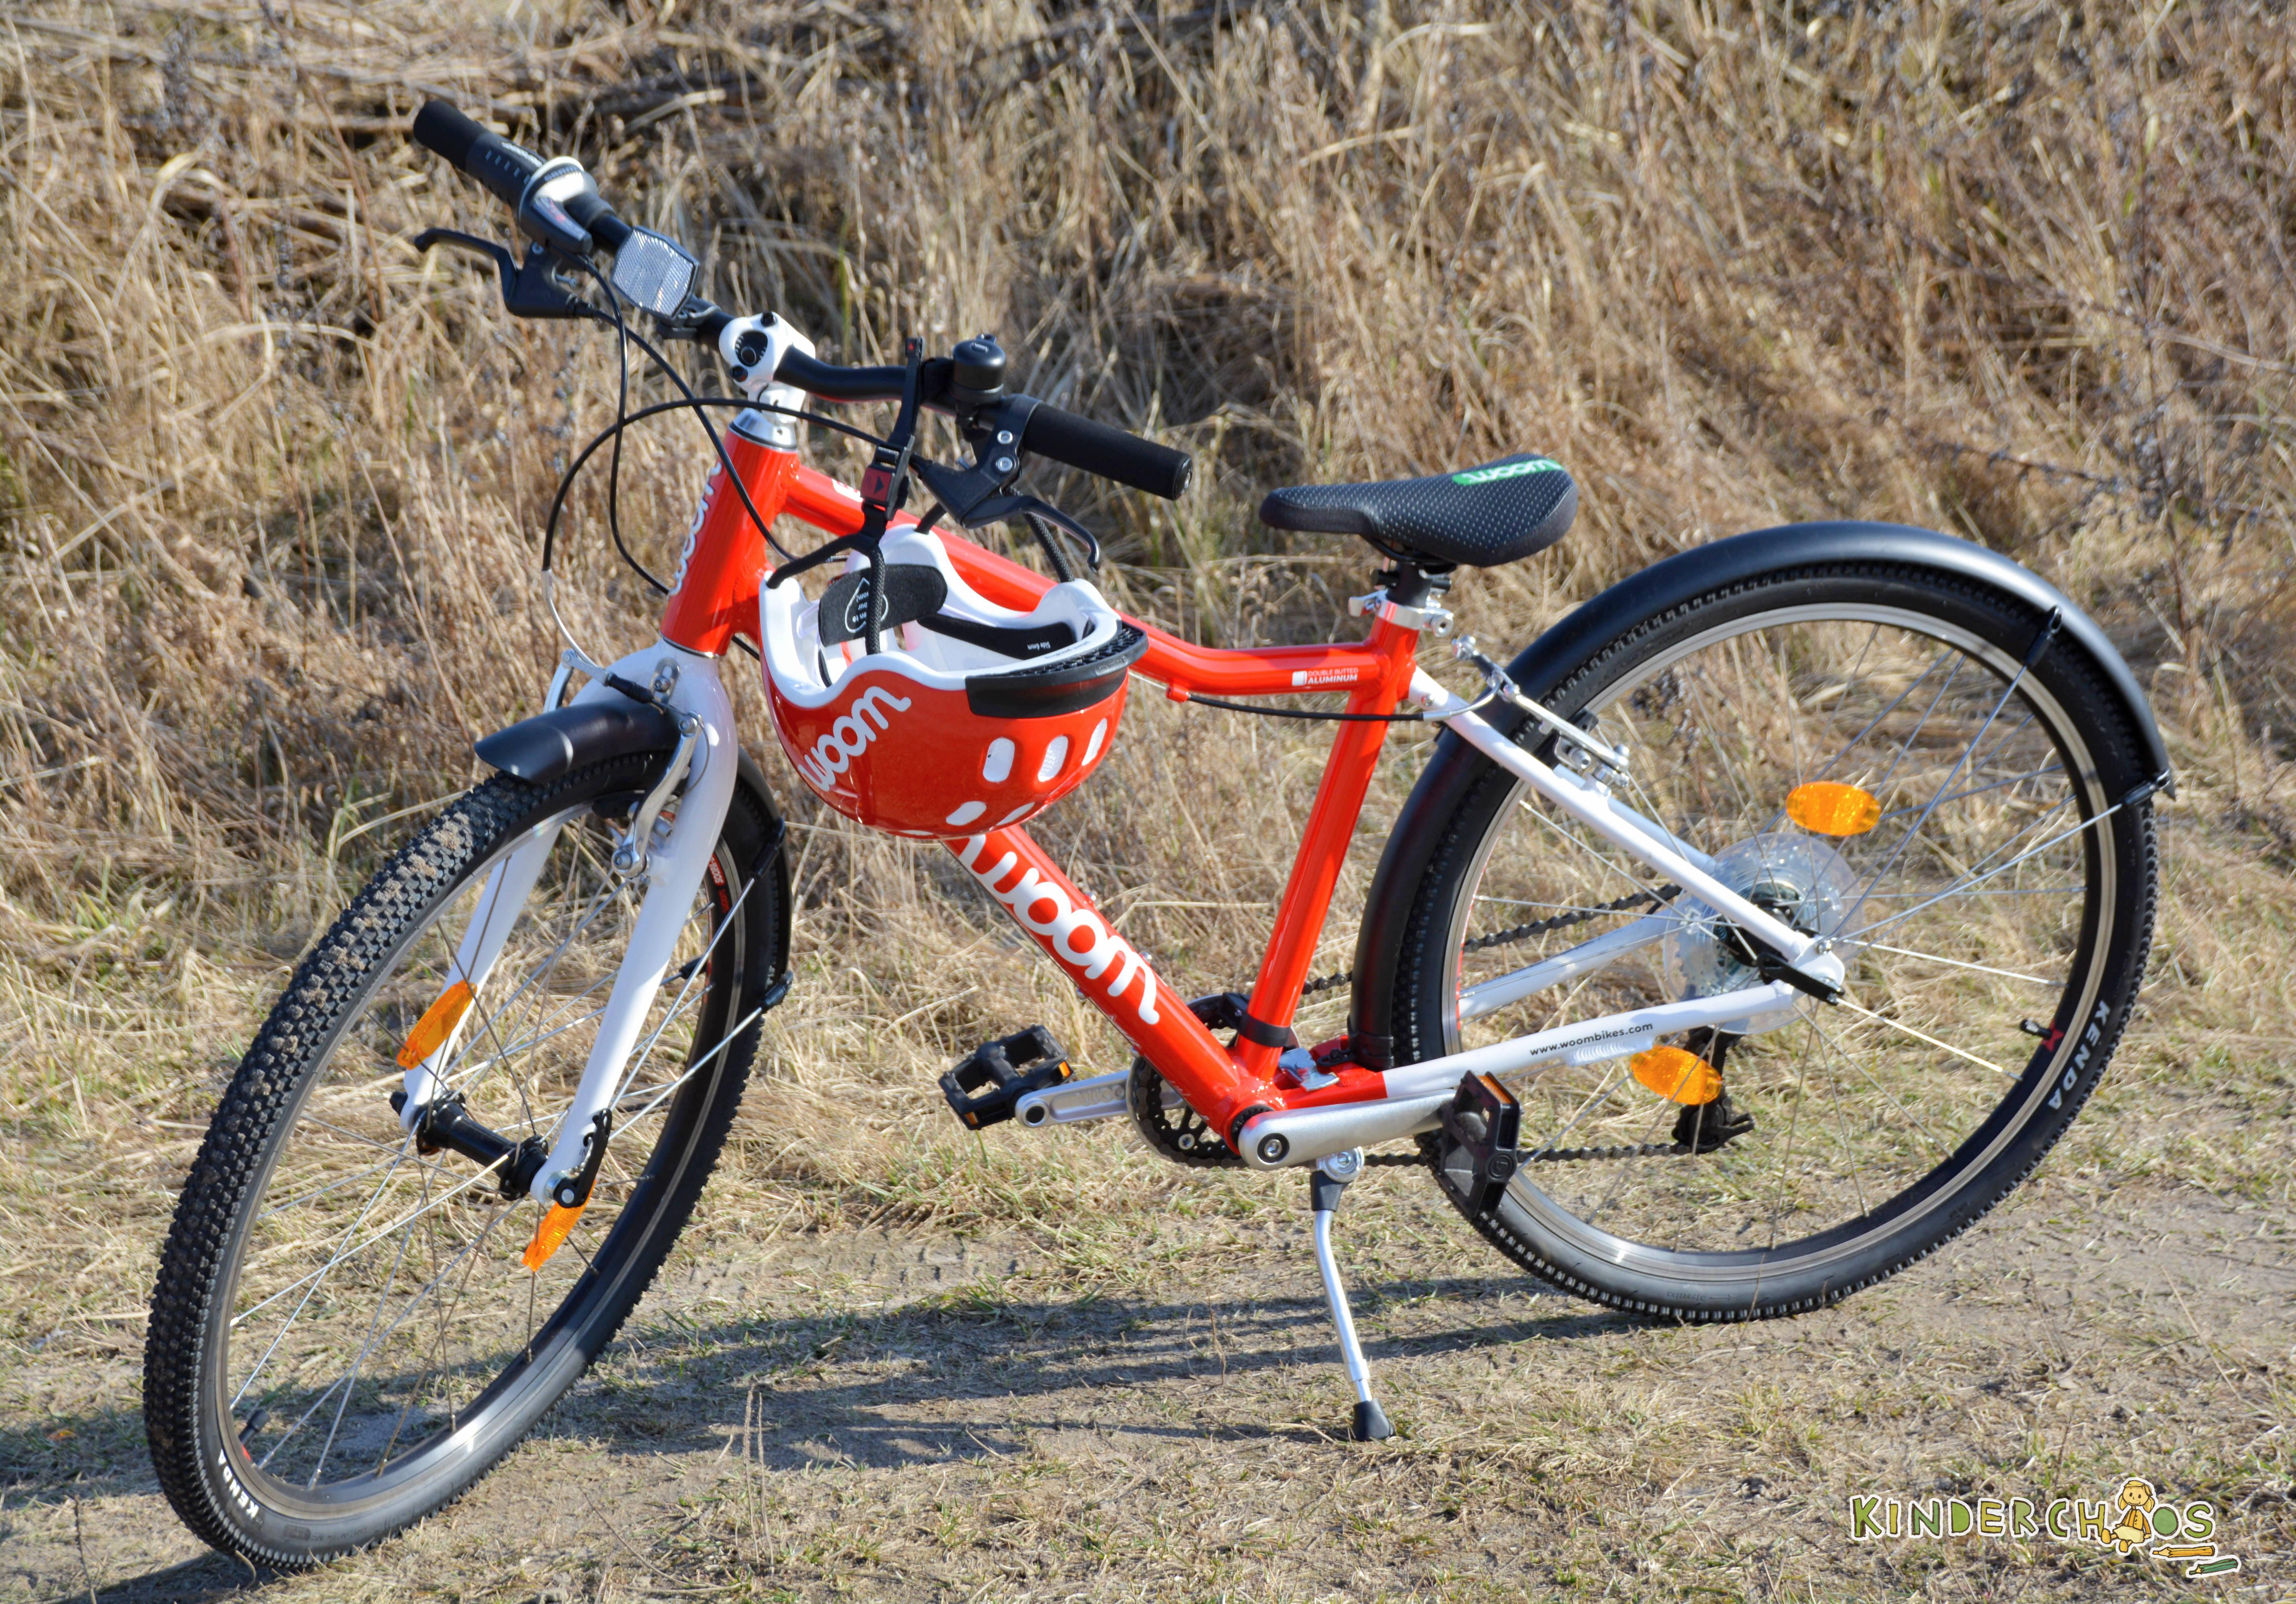 Wunderschön Upcycling Fahrrad Beste Wahl Woom Woombike Bike Kinderfahrrad 5 Bicycle